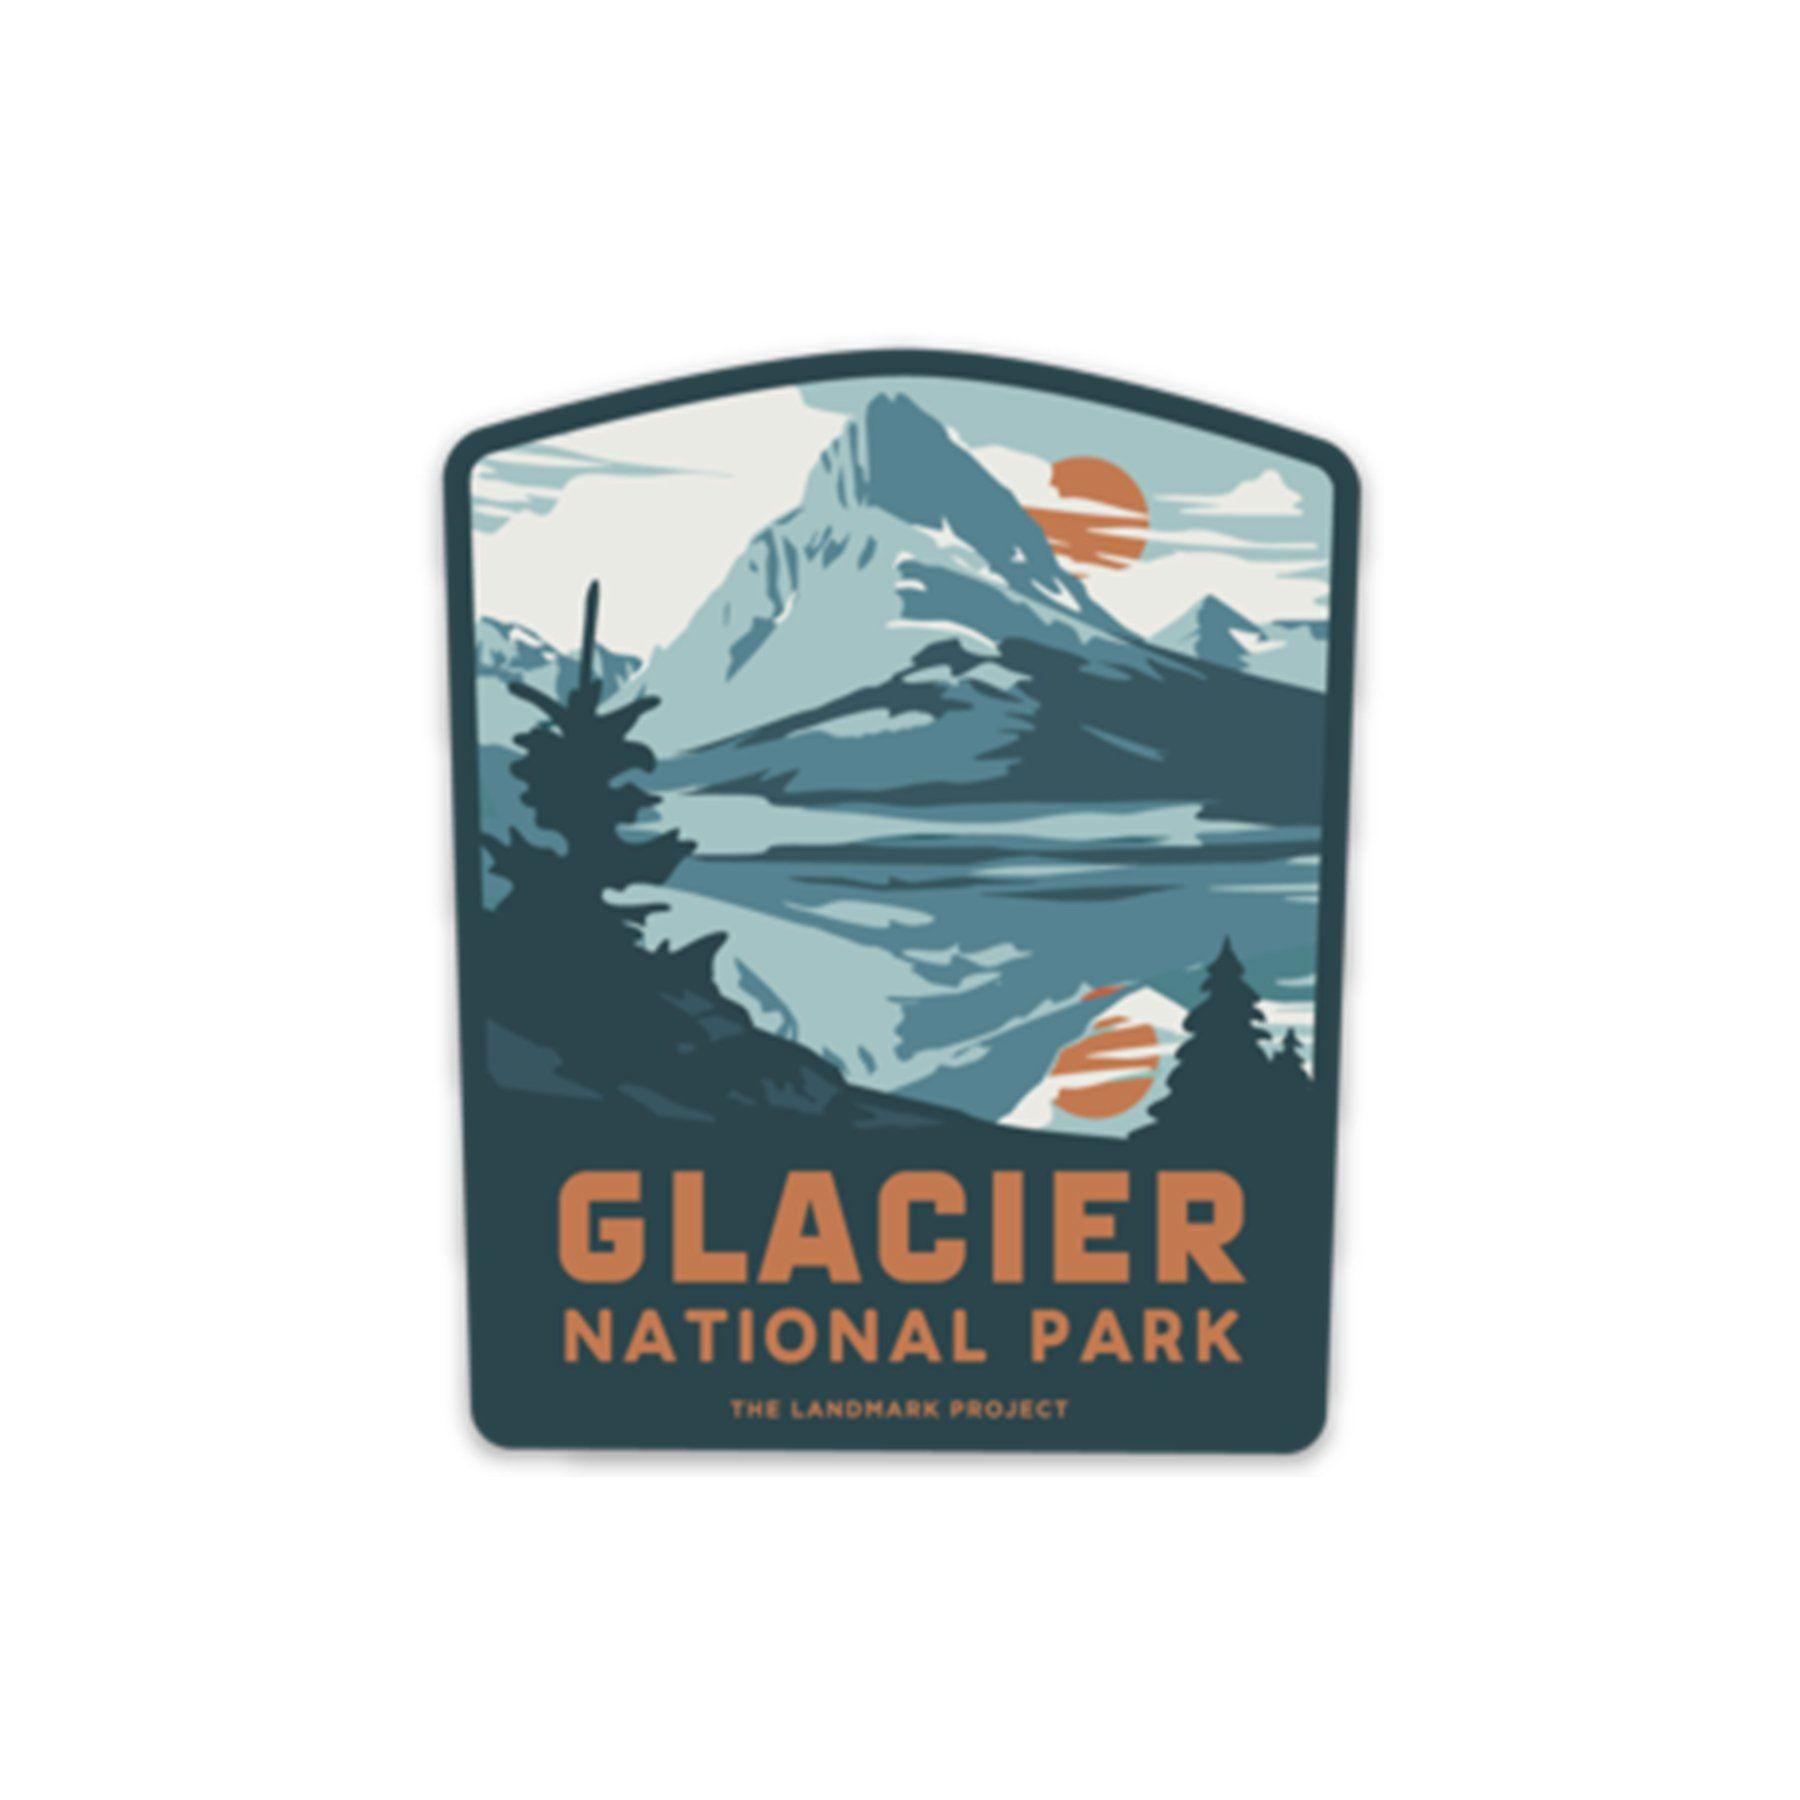 Glacier National Park Sticker National parks, Badge